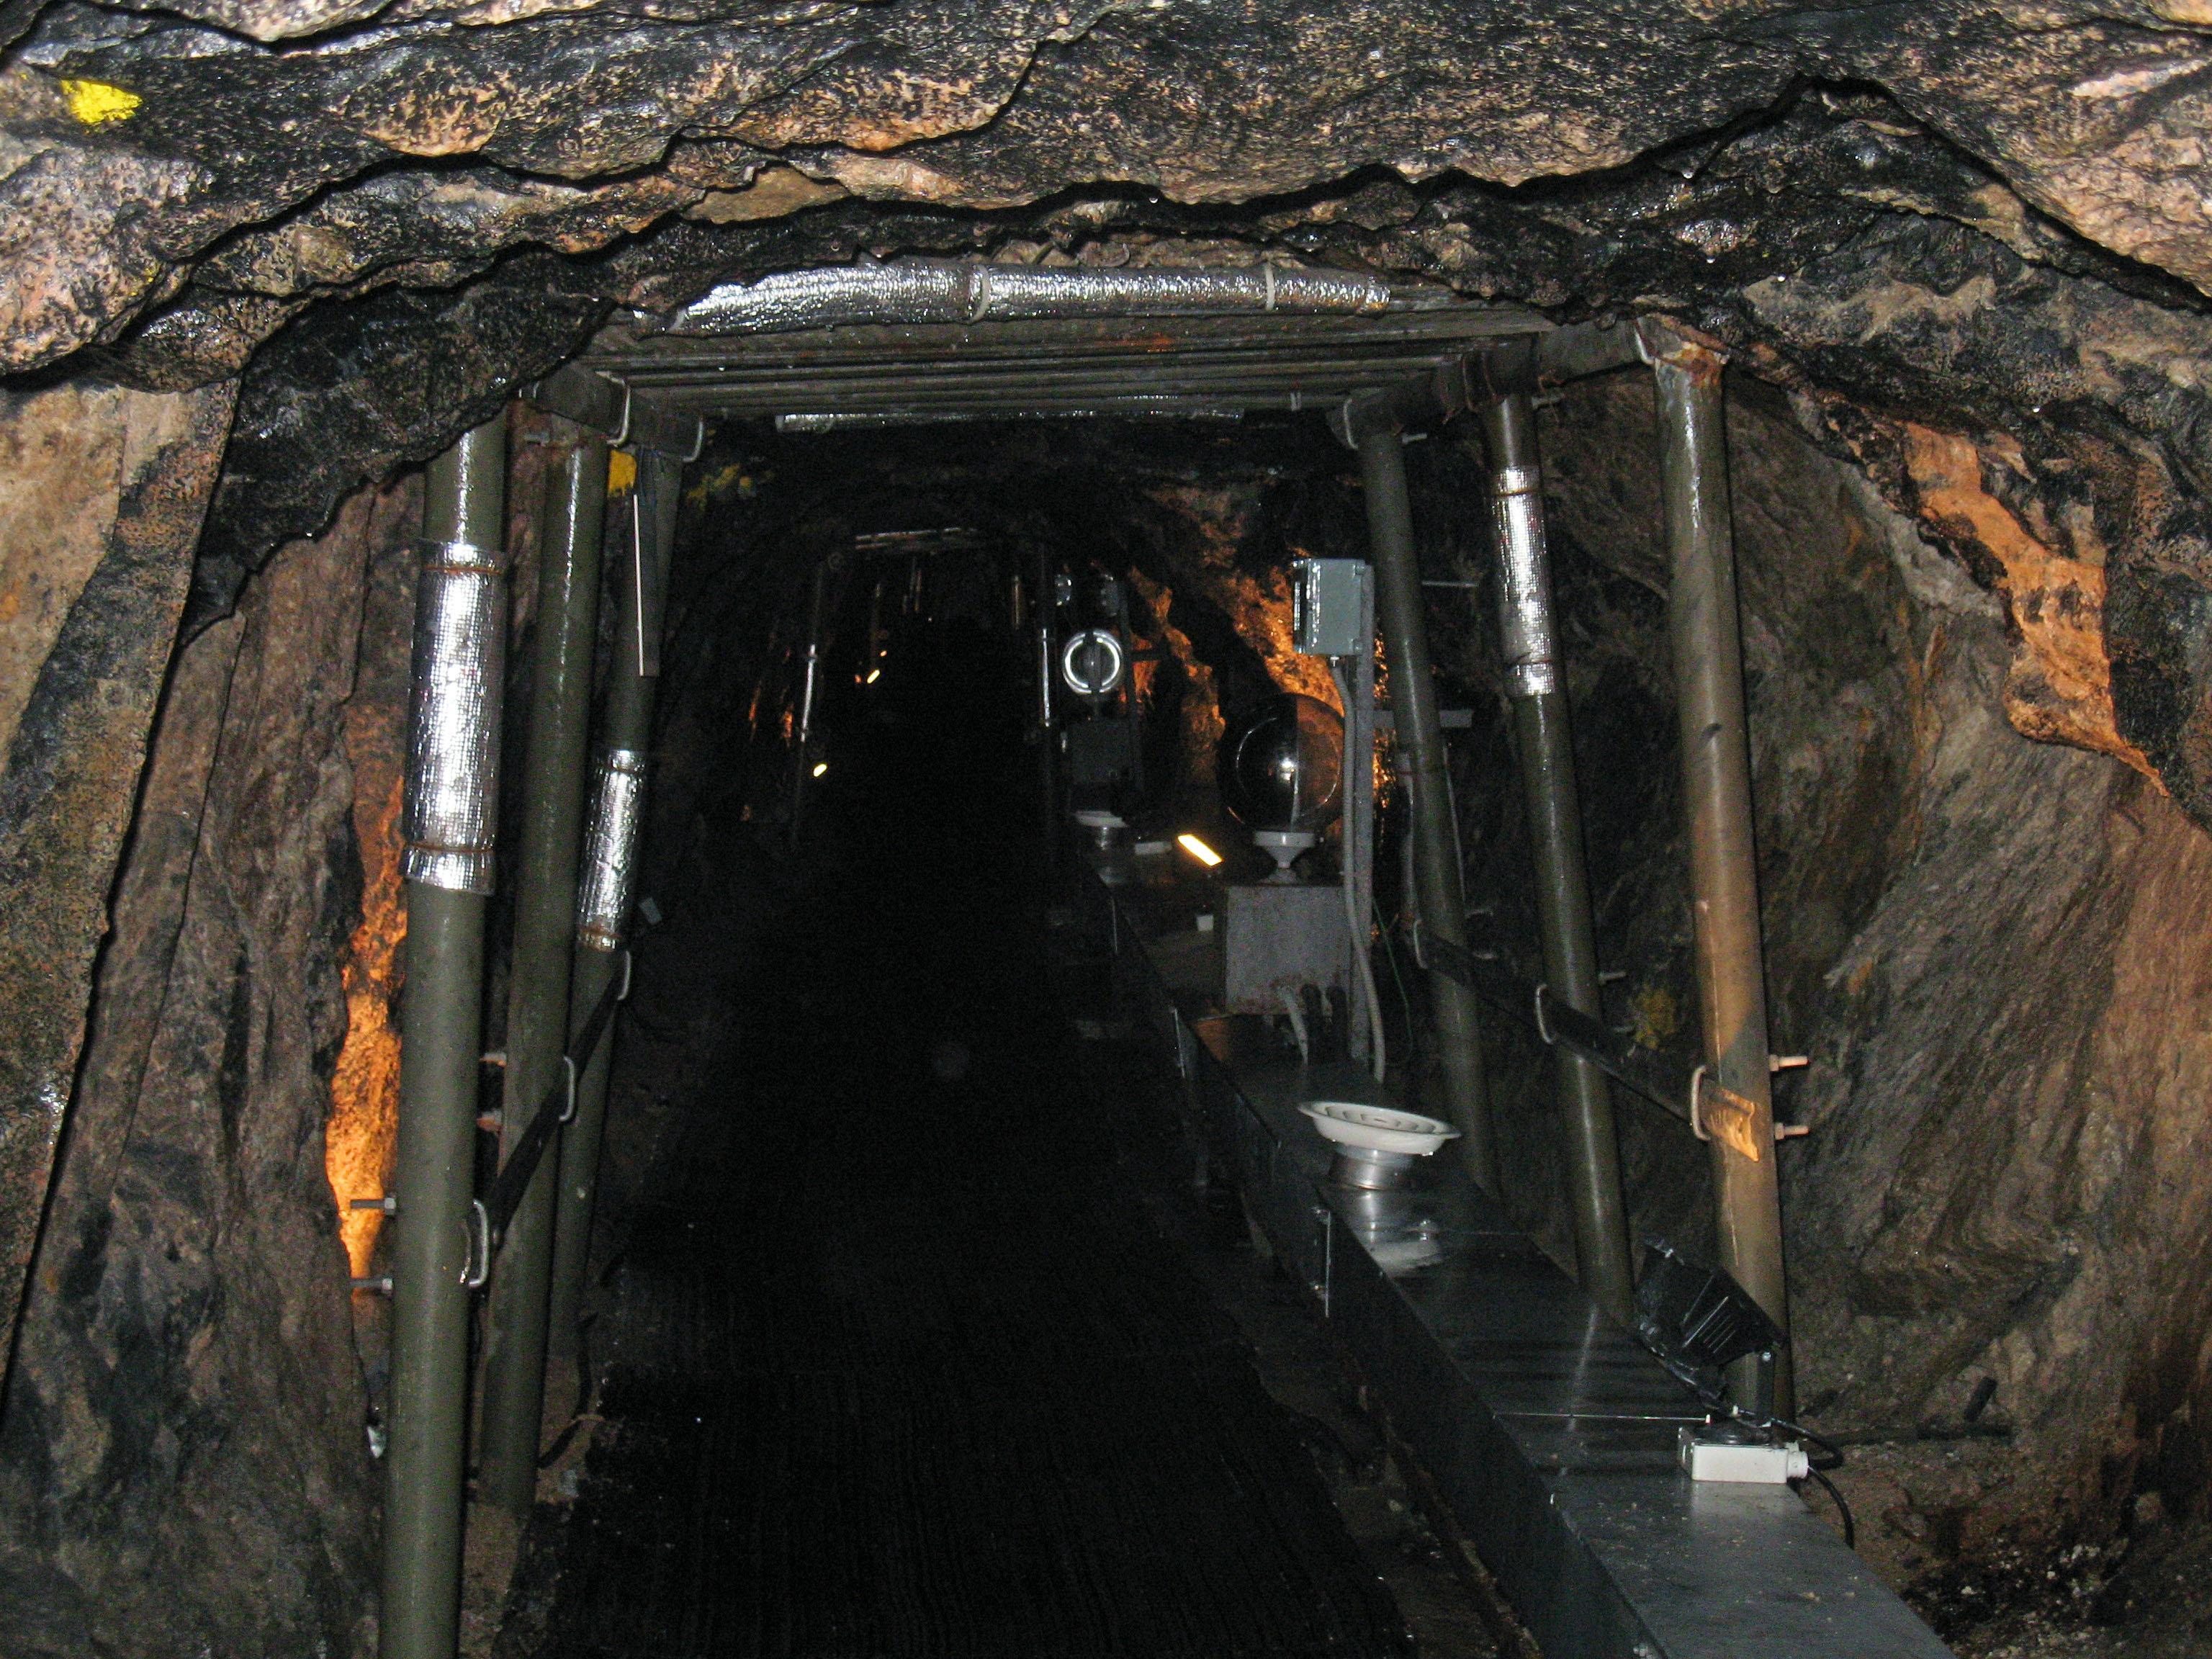 Entrada de um túnel de invasão sob a zona desmilitarizada entre a Coreia do Sul e a Coreia do Norte, em 27 de setembro de 2006